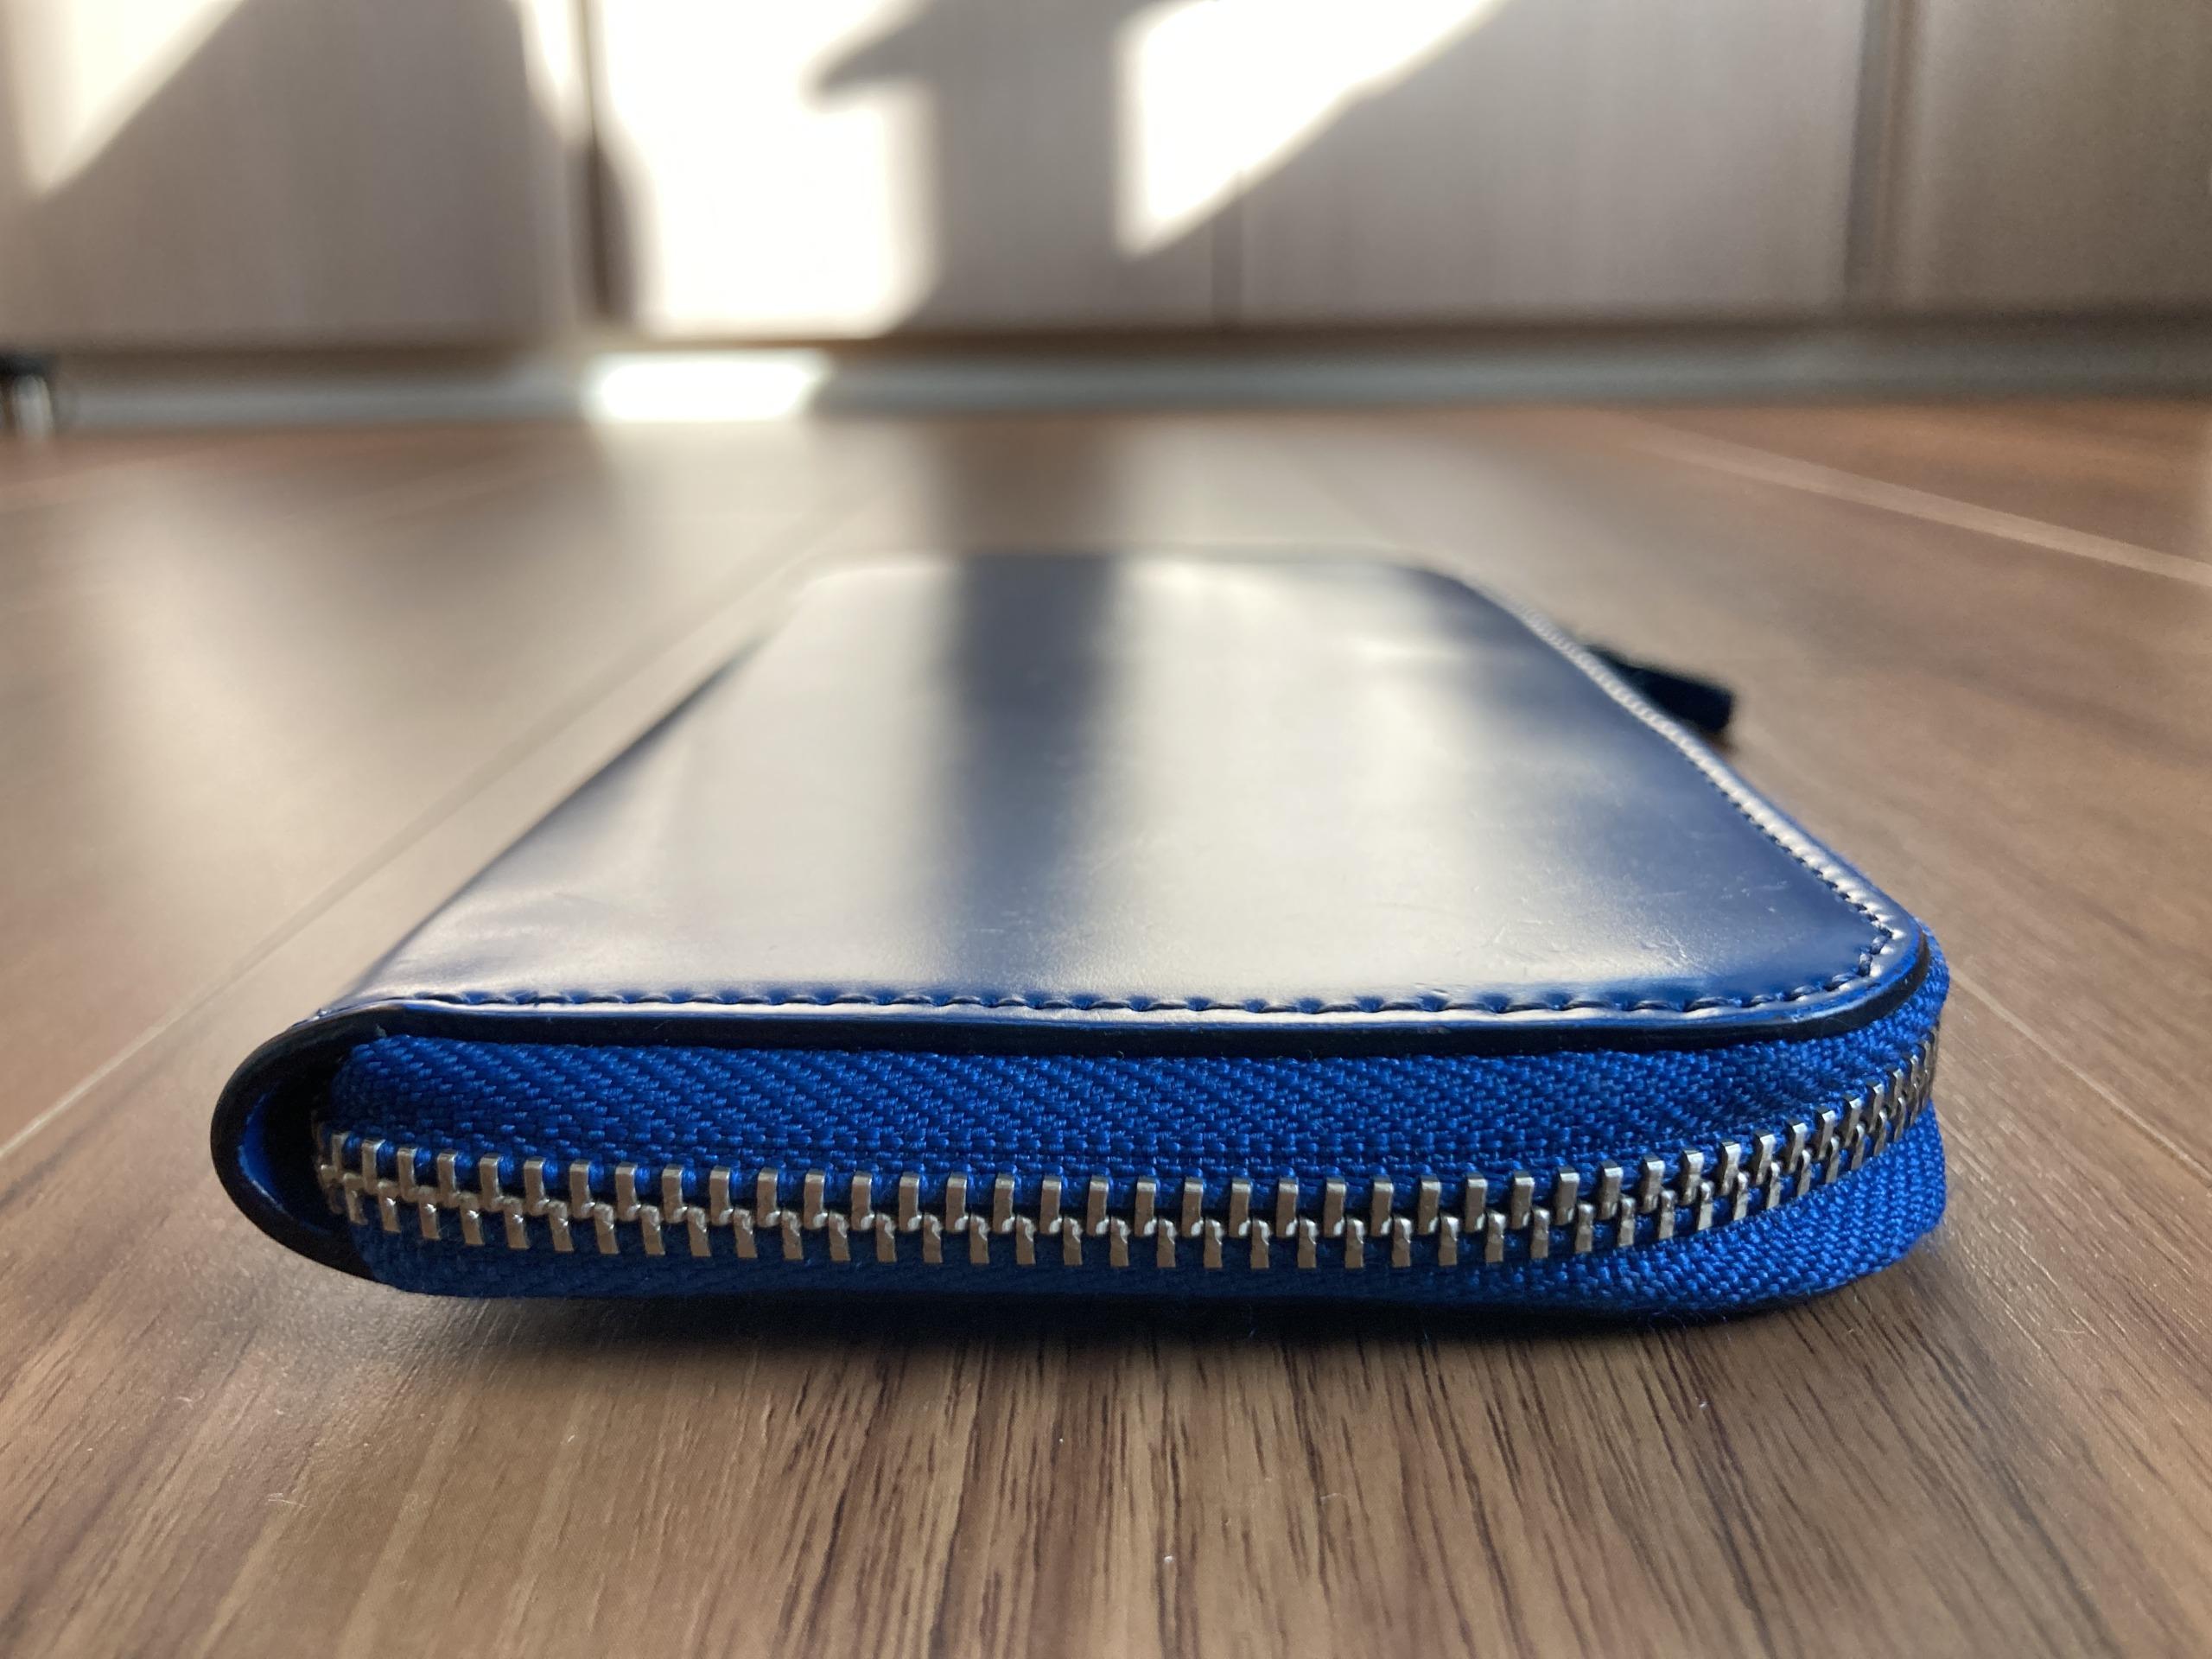 新喜皮革コードバンL字ファスナーロングウォレット 長財布 1年3ヶ月 エイジング 経年変化 側面 ファスナー